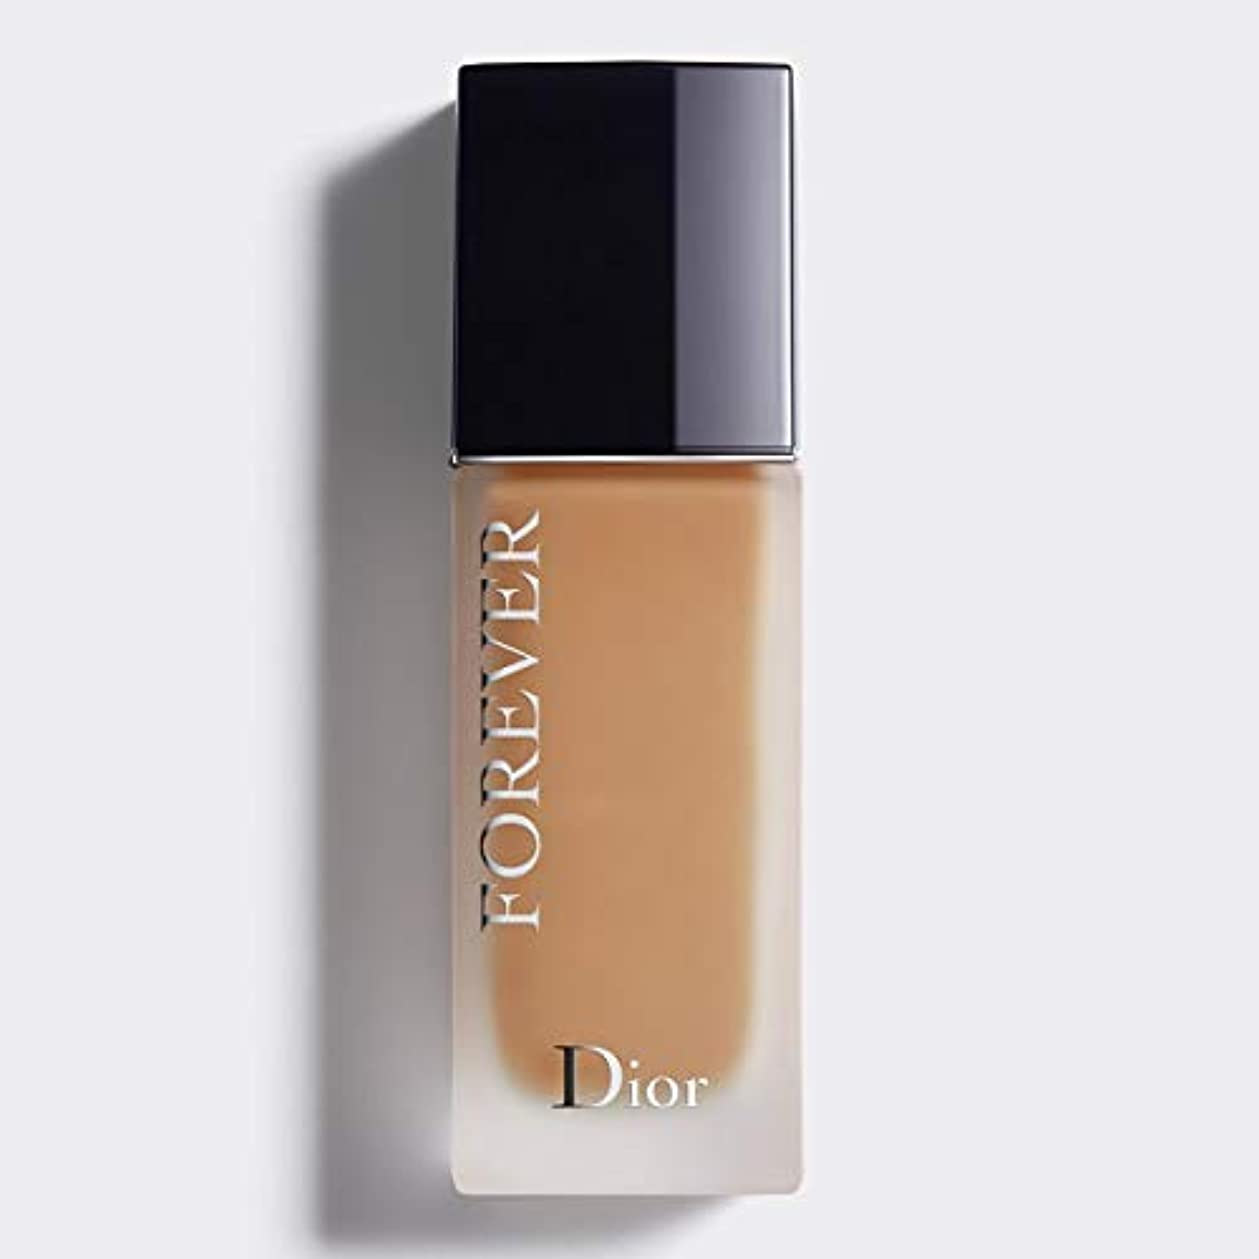 変わる追い出す講堂クリスチャンディオール Dior Forever 24H Wear High Perfection Foundation SPF 35 - # 4W (Warm) 30ml/1oz並行輸入品